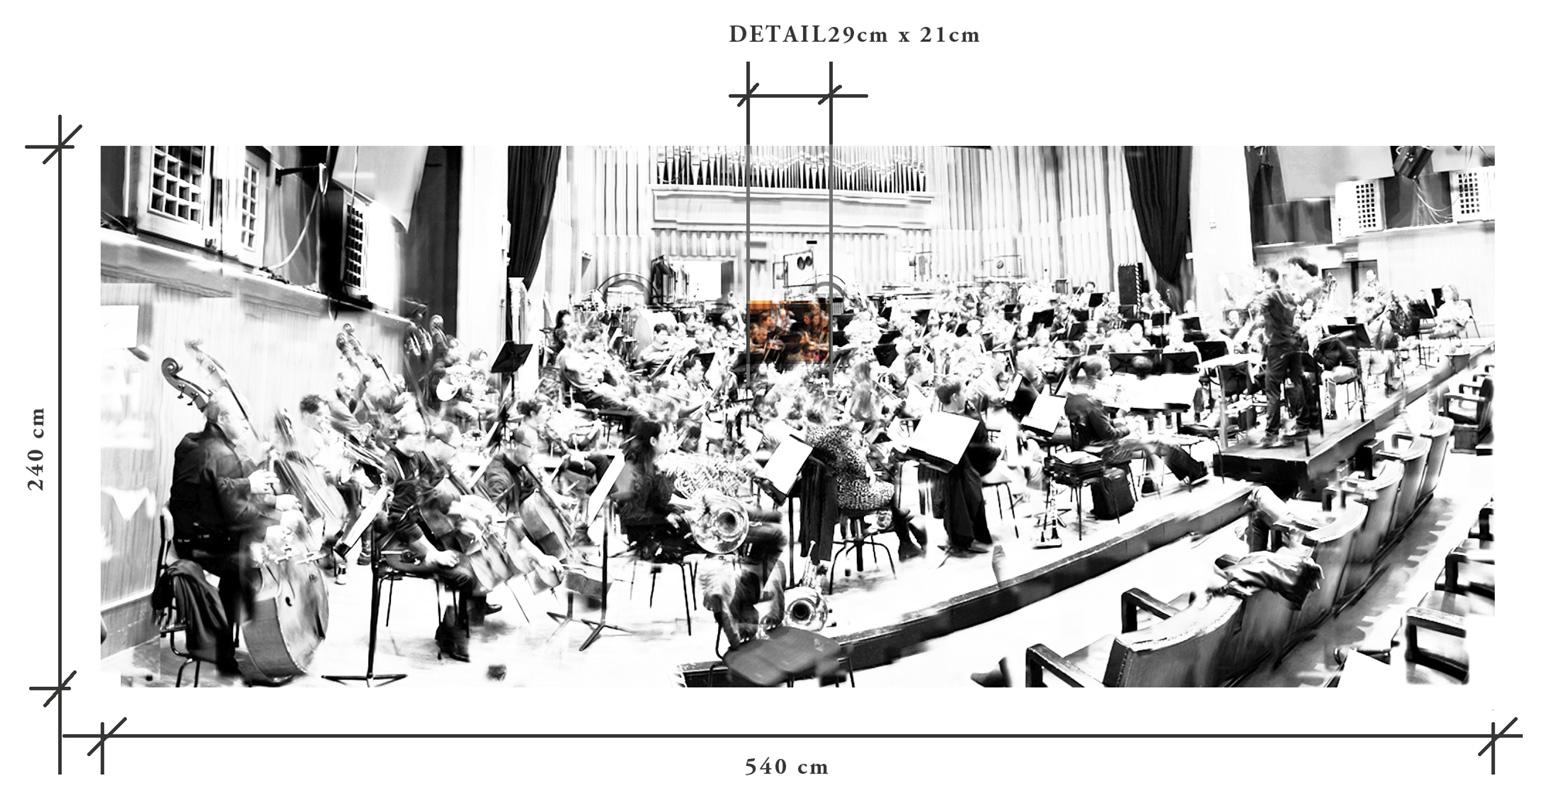 Radio Symphonieorchester Wien - Detailübersicht